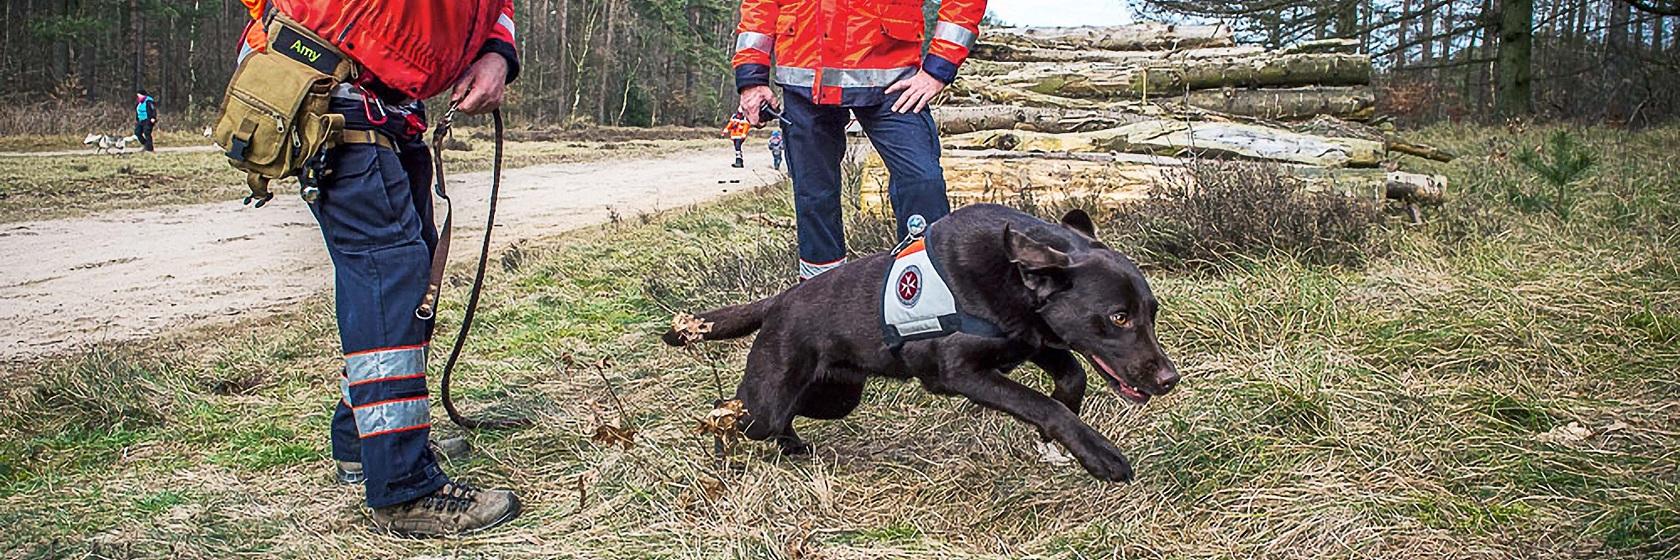 Wenn Menschen vermisst werden kommt die Johanniter Rettungshundestaffel Schleswig zum Einsatz.